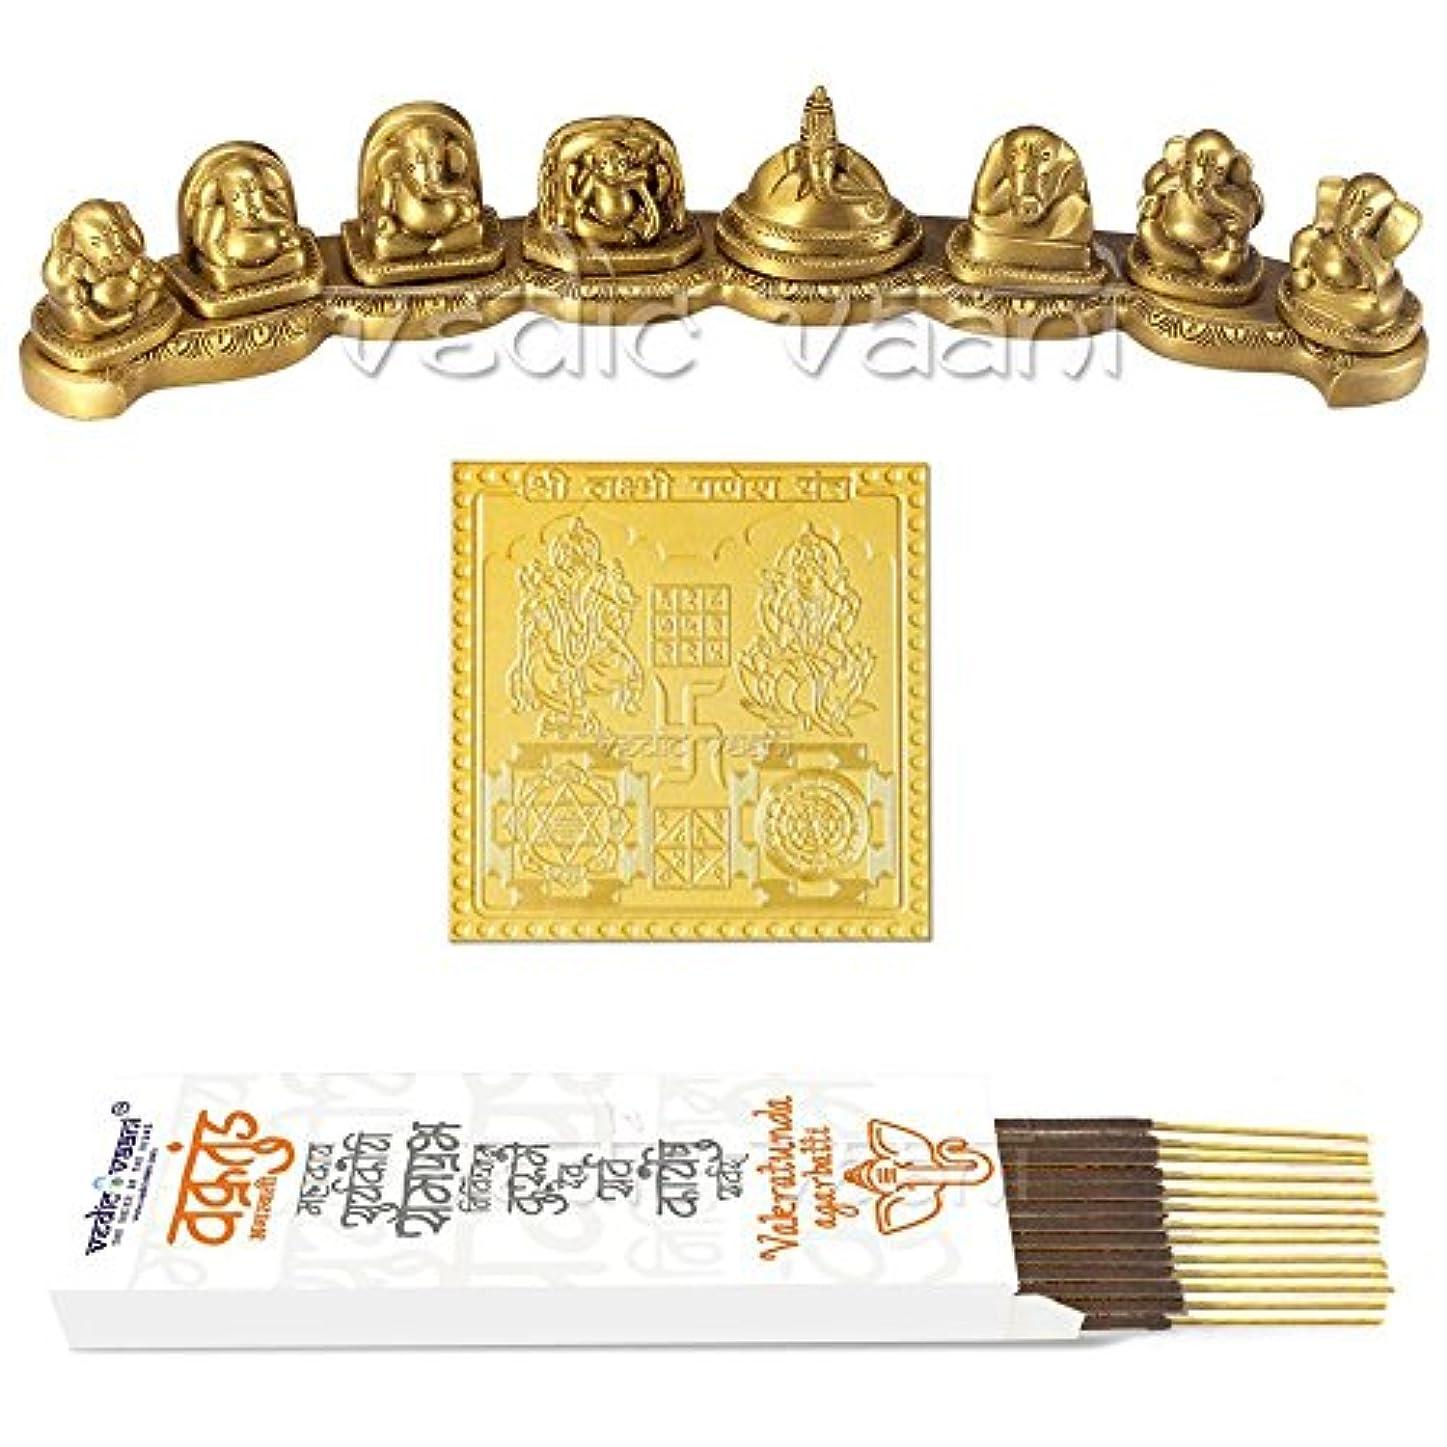 ピニオン仲人トピックAshtavinayak Ganpati Bappa Idol In Brass WithヤントラとVakratund Incense Sticks – Vedic Vaani